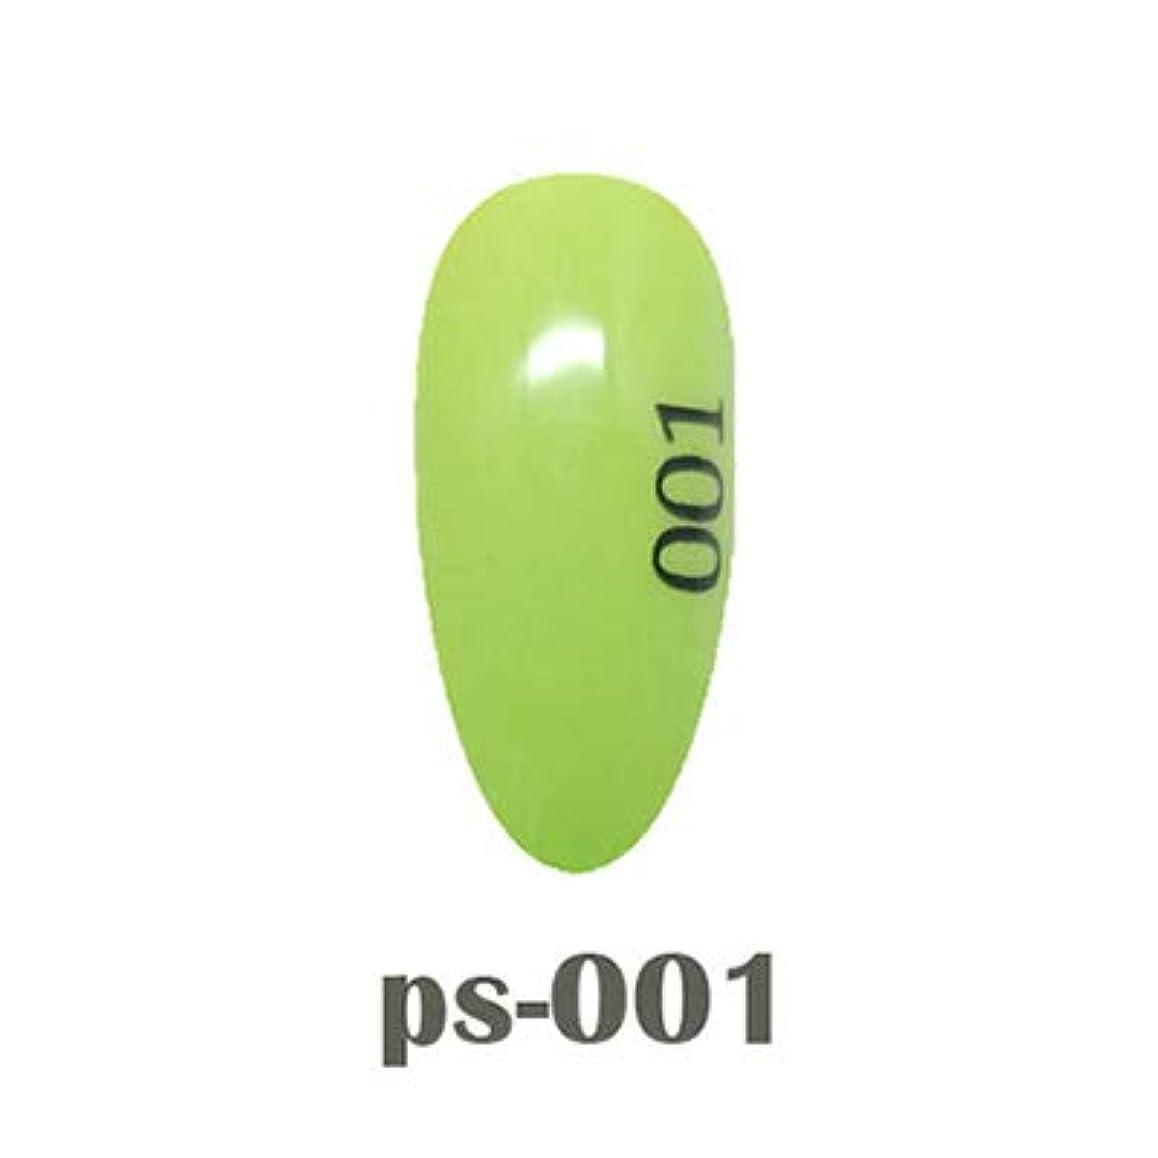 切り刻むシンプルさ見えないアイスジェル カラージェル ポイントパステルシリーズ PP-001 3g